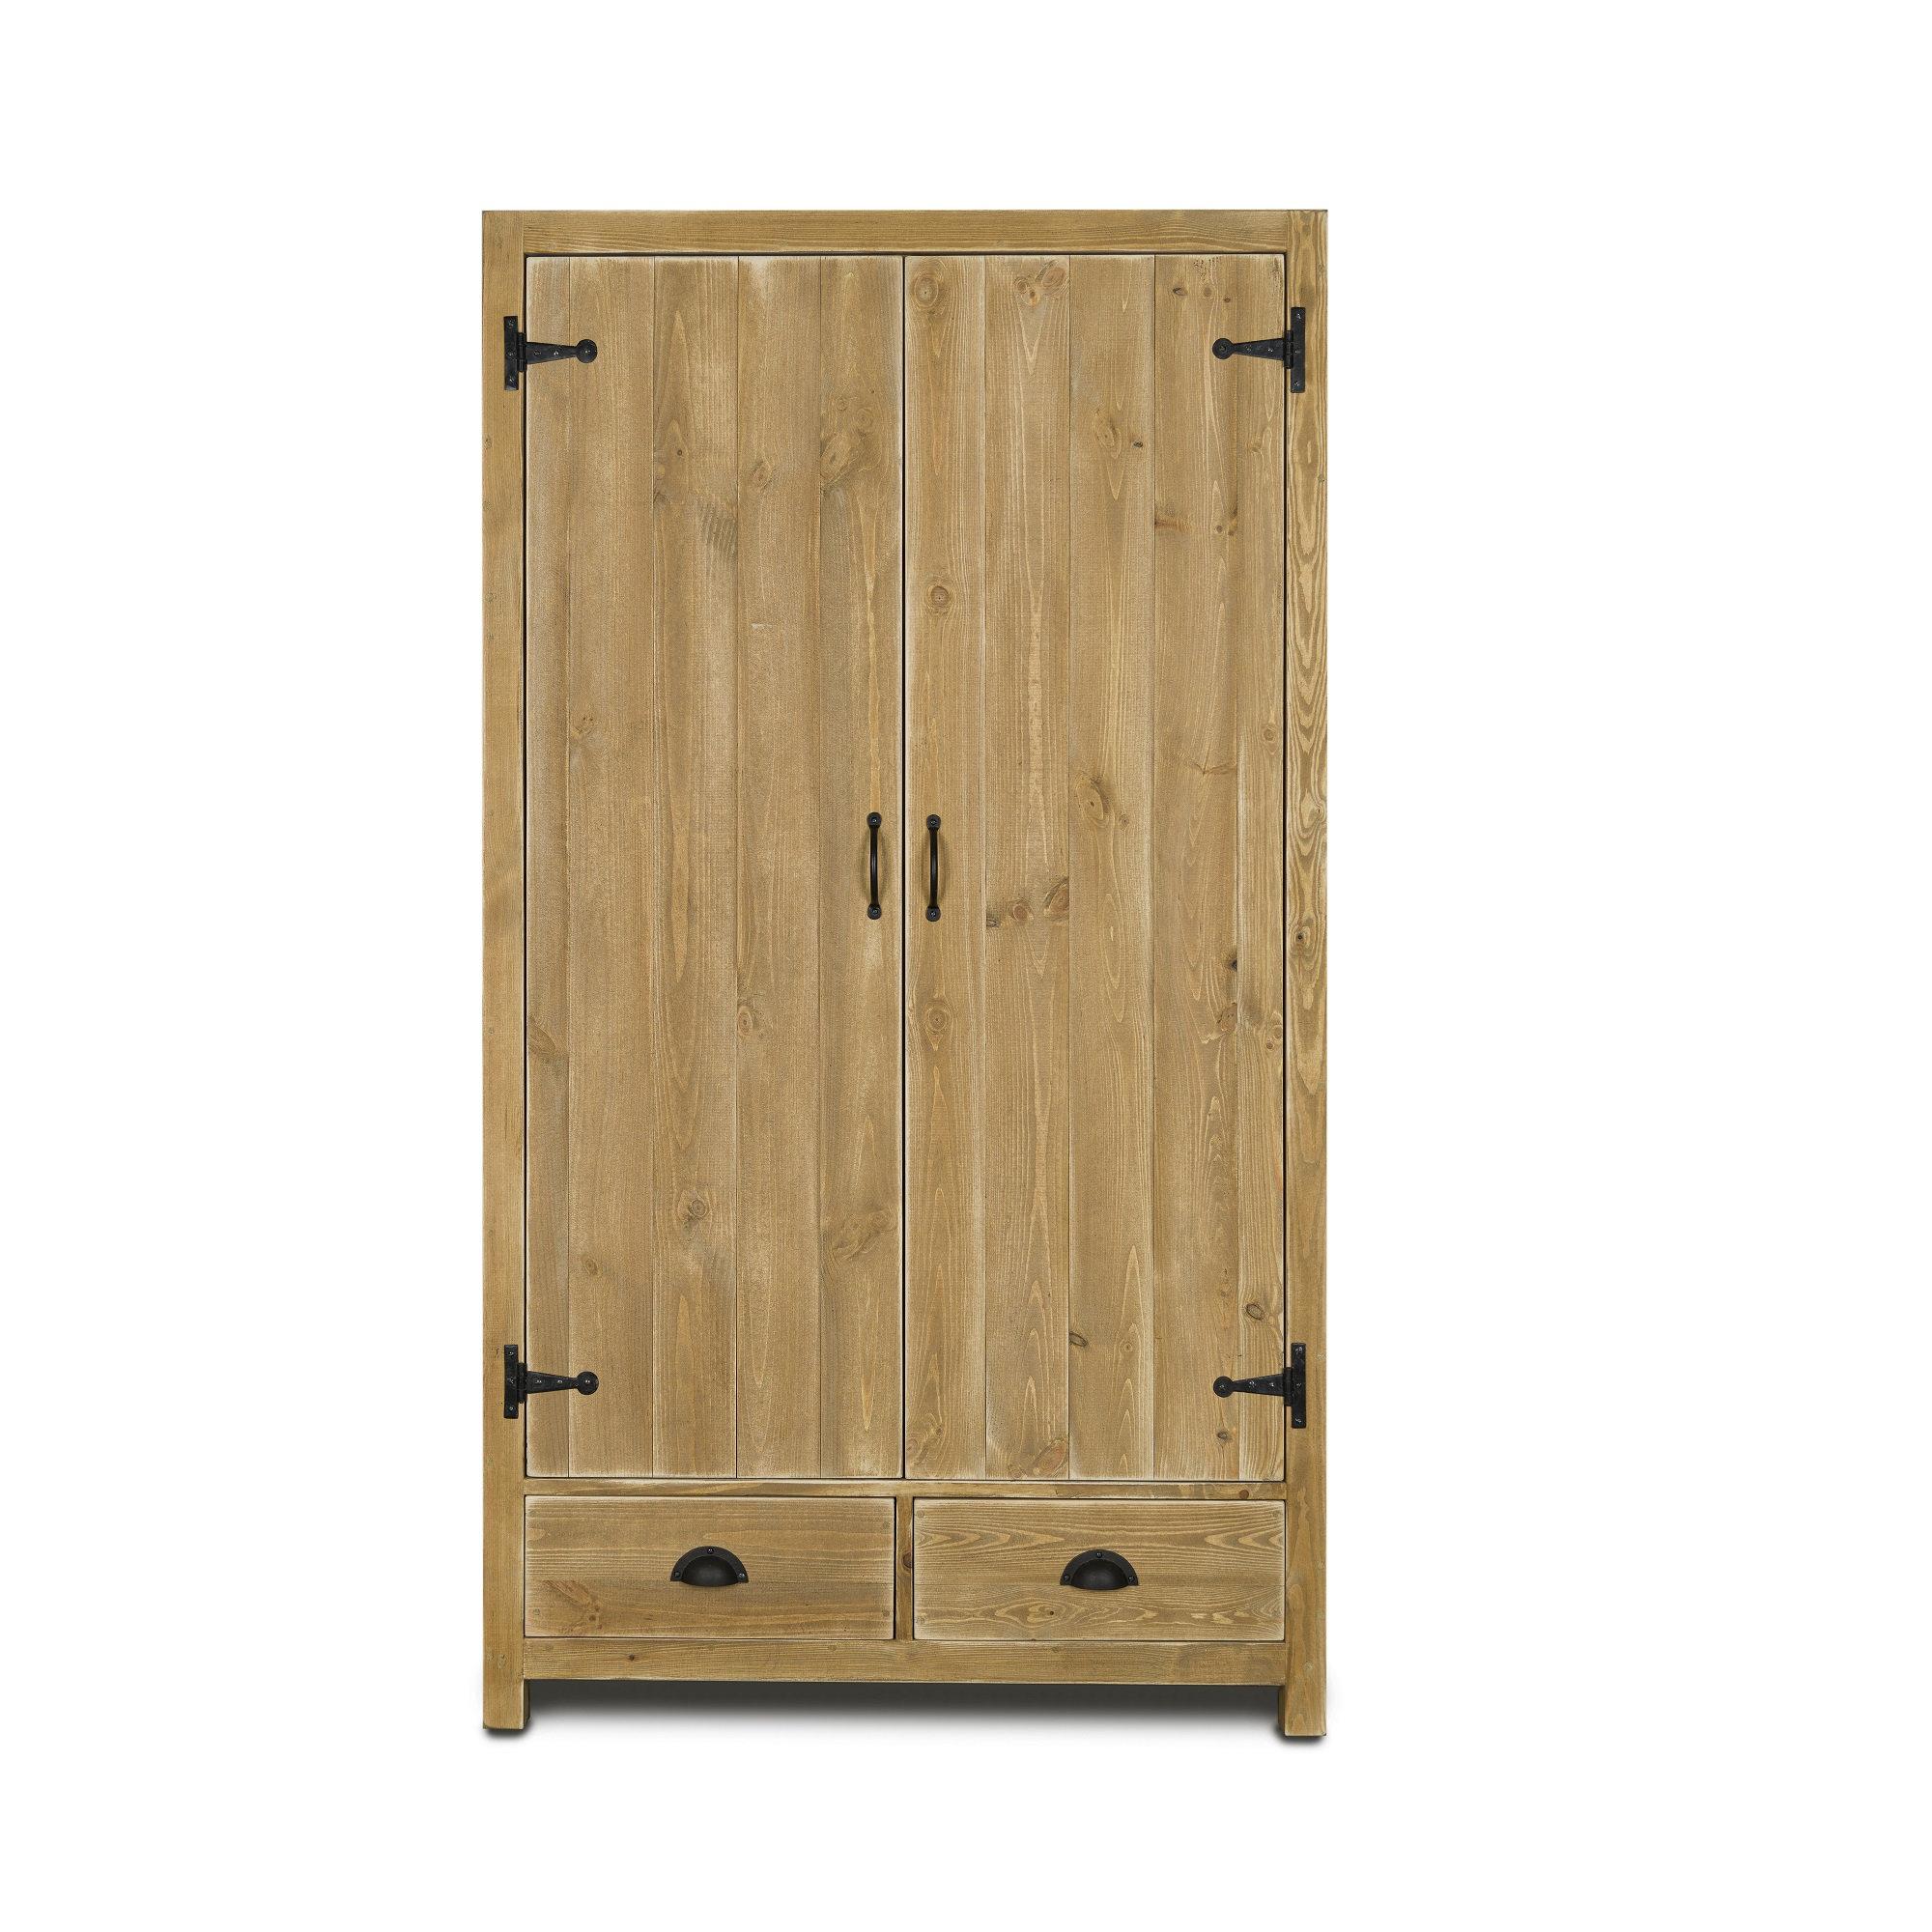 Armoire 2 portes 2 tiroirs pin massif bois vieilli (photo)